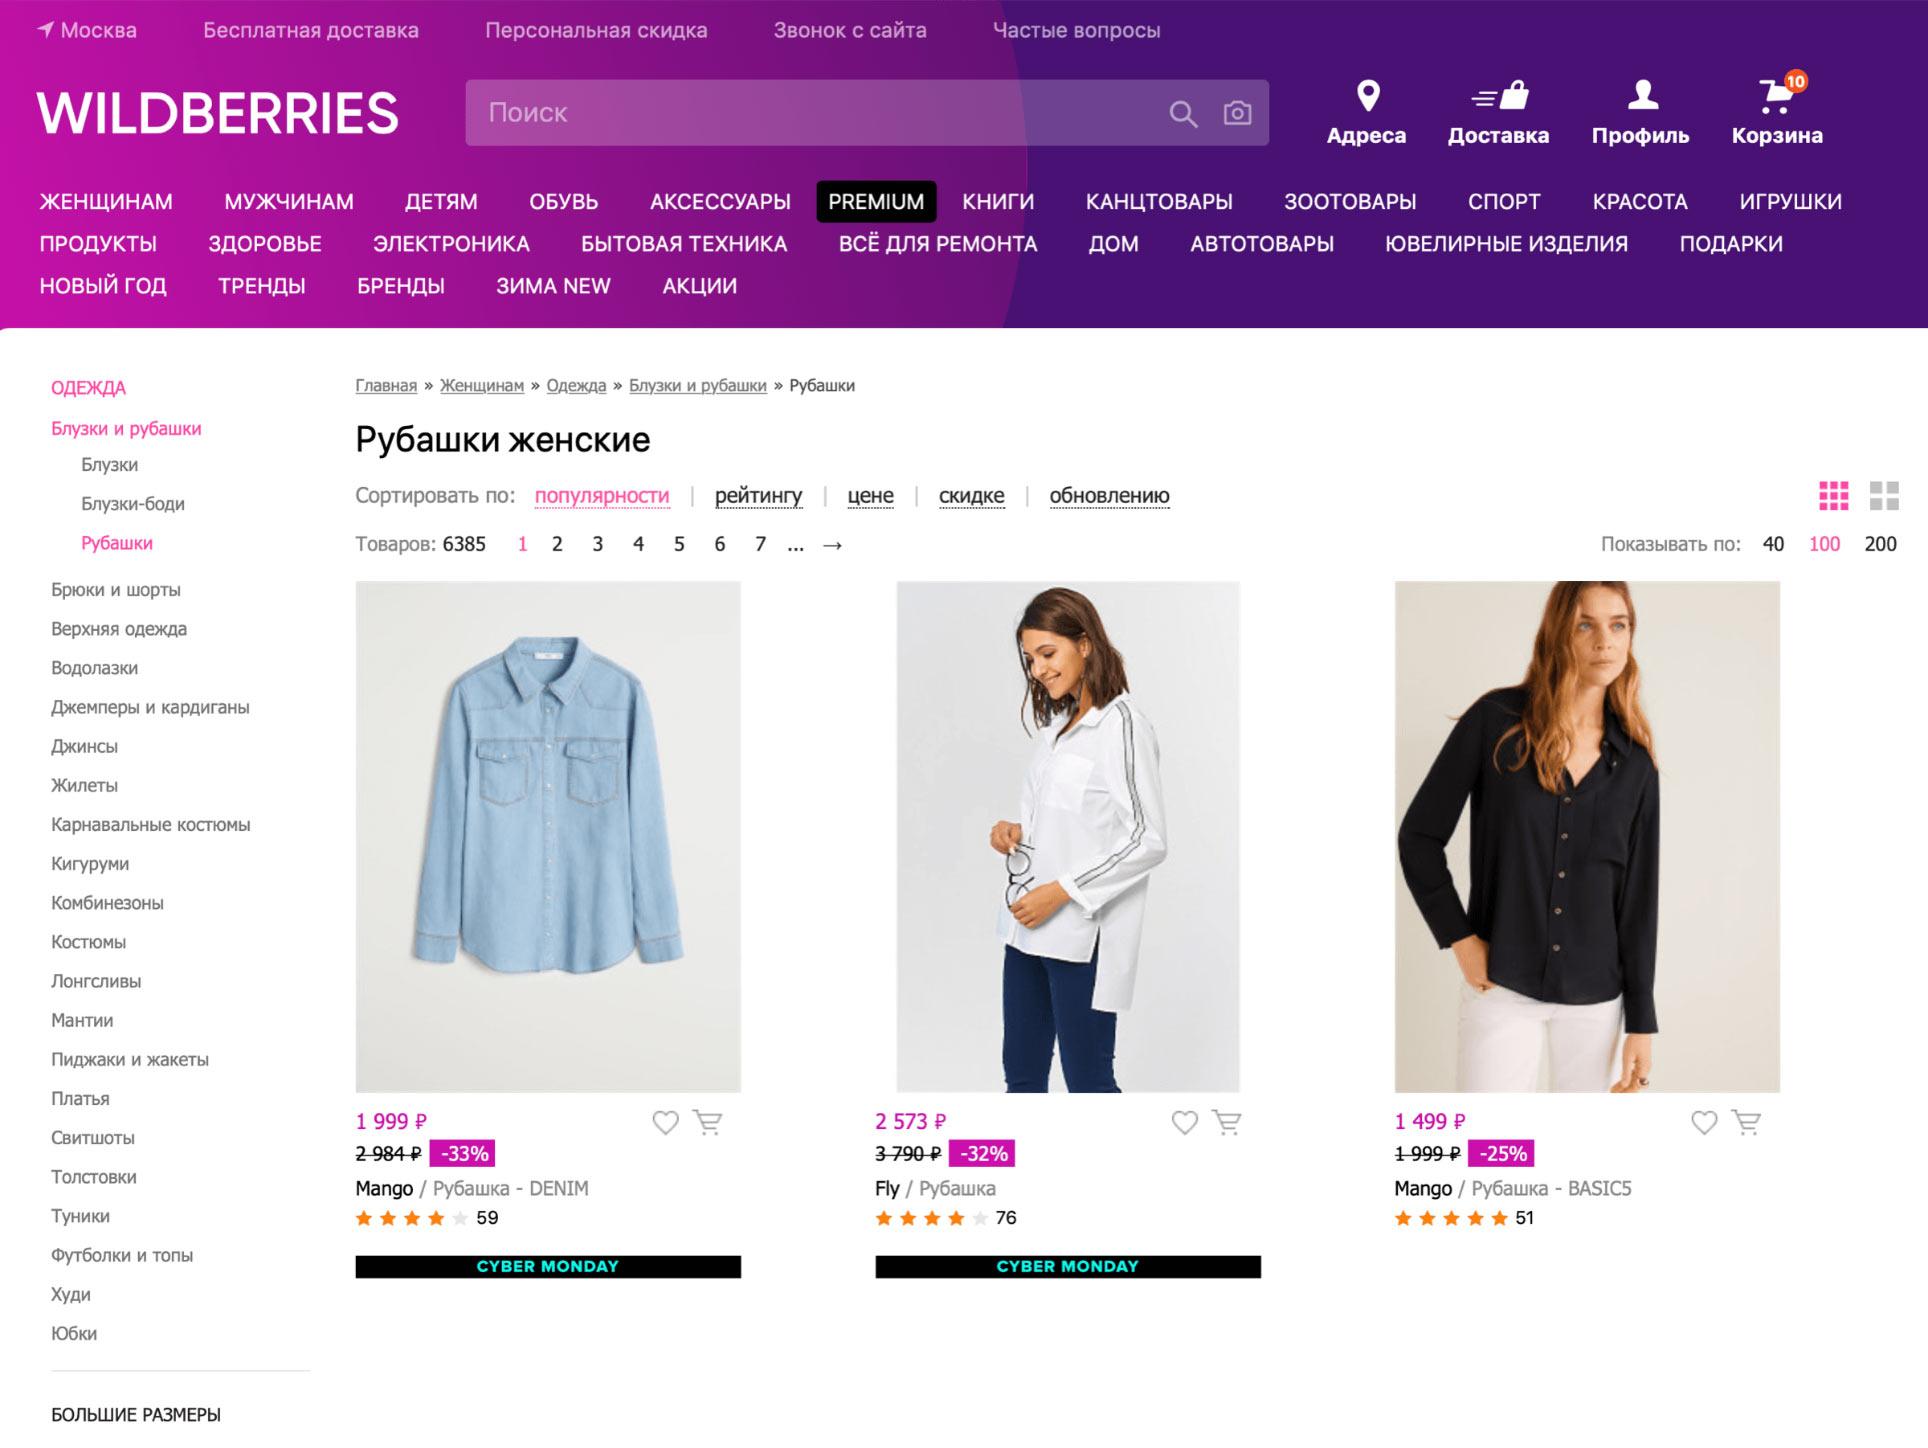 Вайлдберриз Шторы Интернет Магазин Официальный Сайт